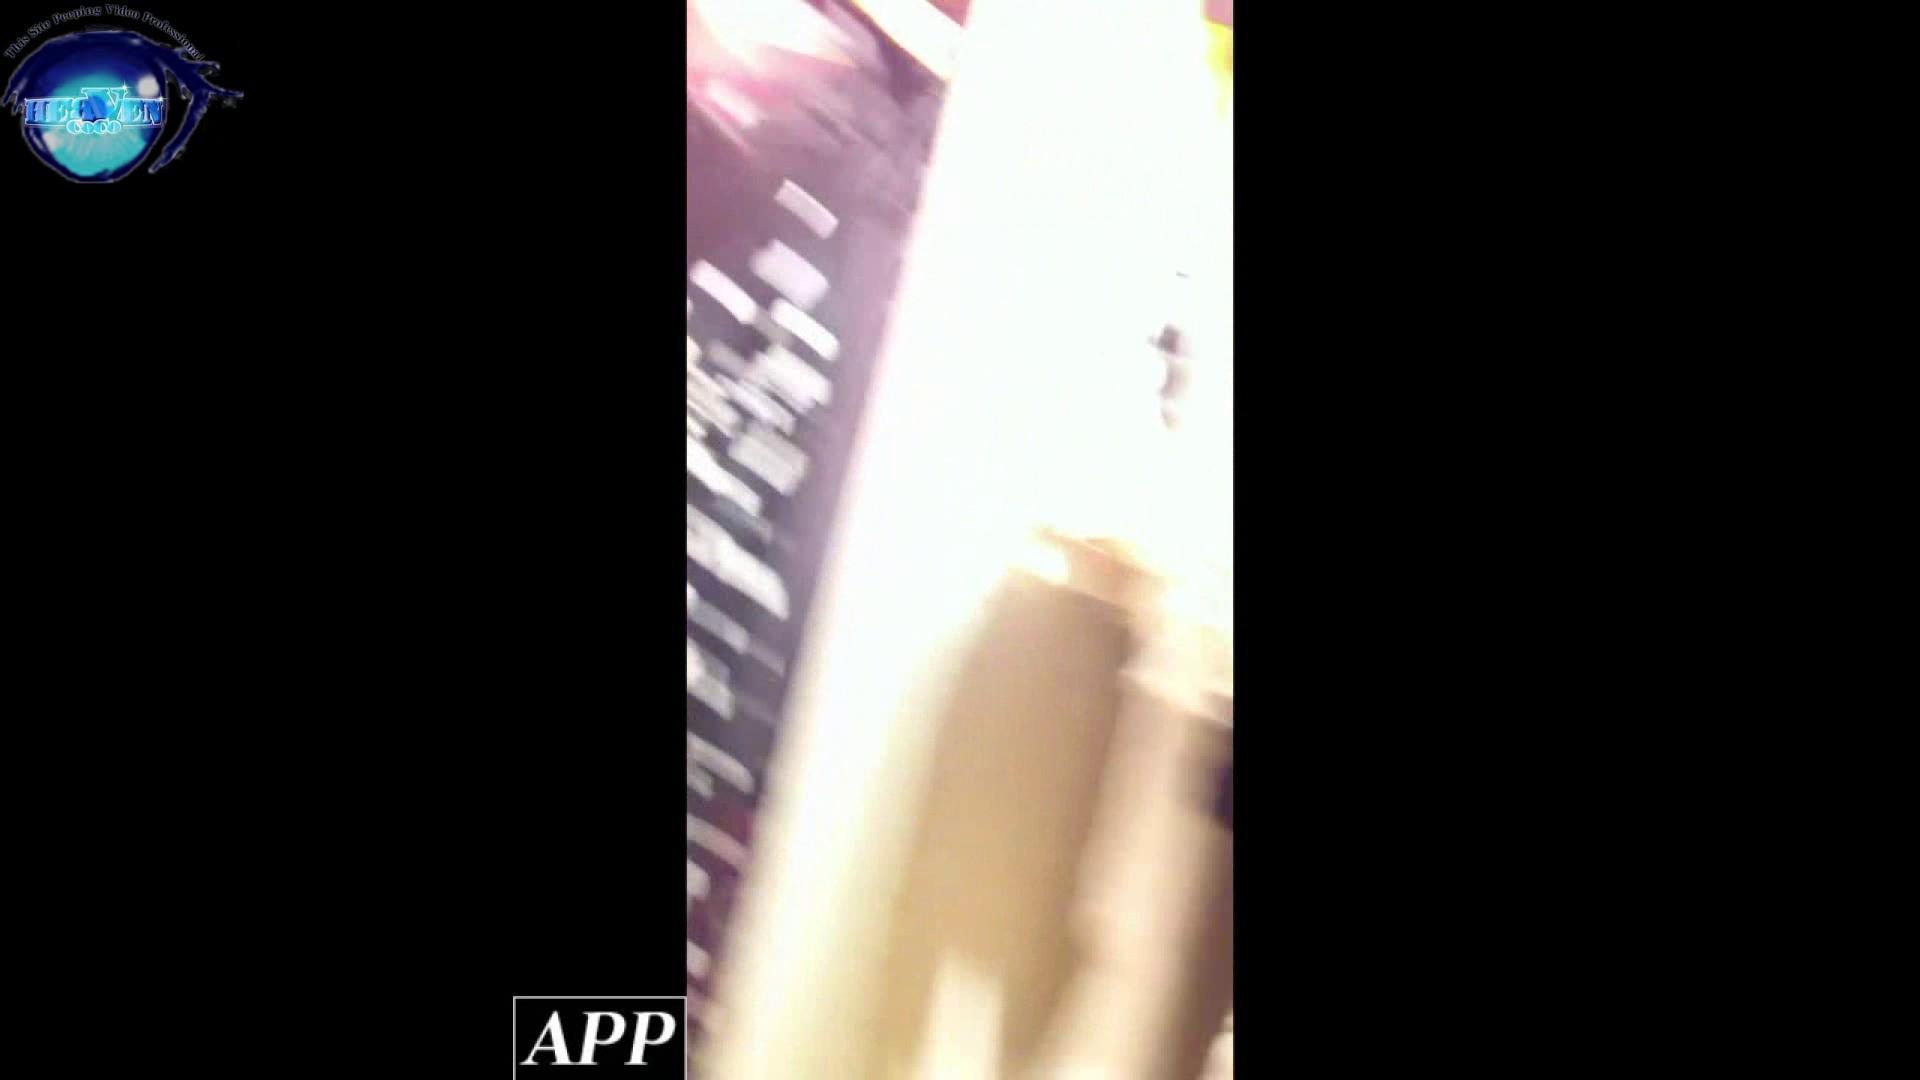 ハイビジョン盗撮!ショップ店員千人斬り!胸チラ編 vol.61 OLセックス 盗撮AV動画キャプチャ 73画像 14